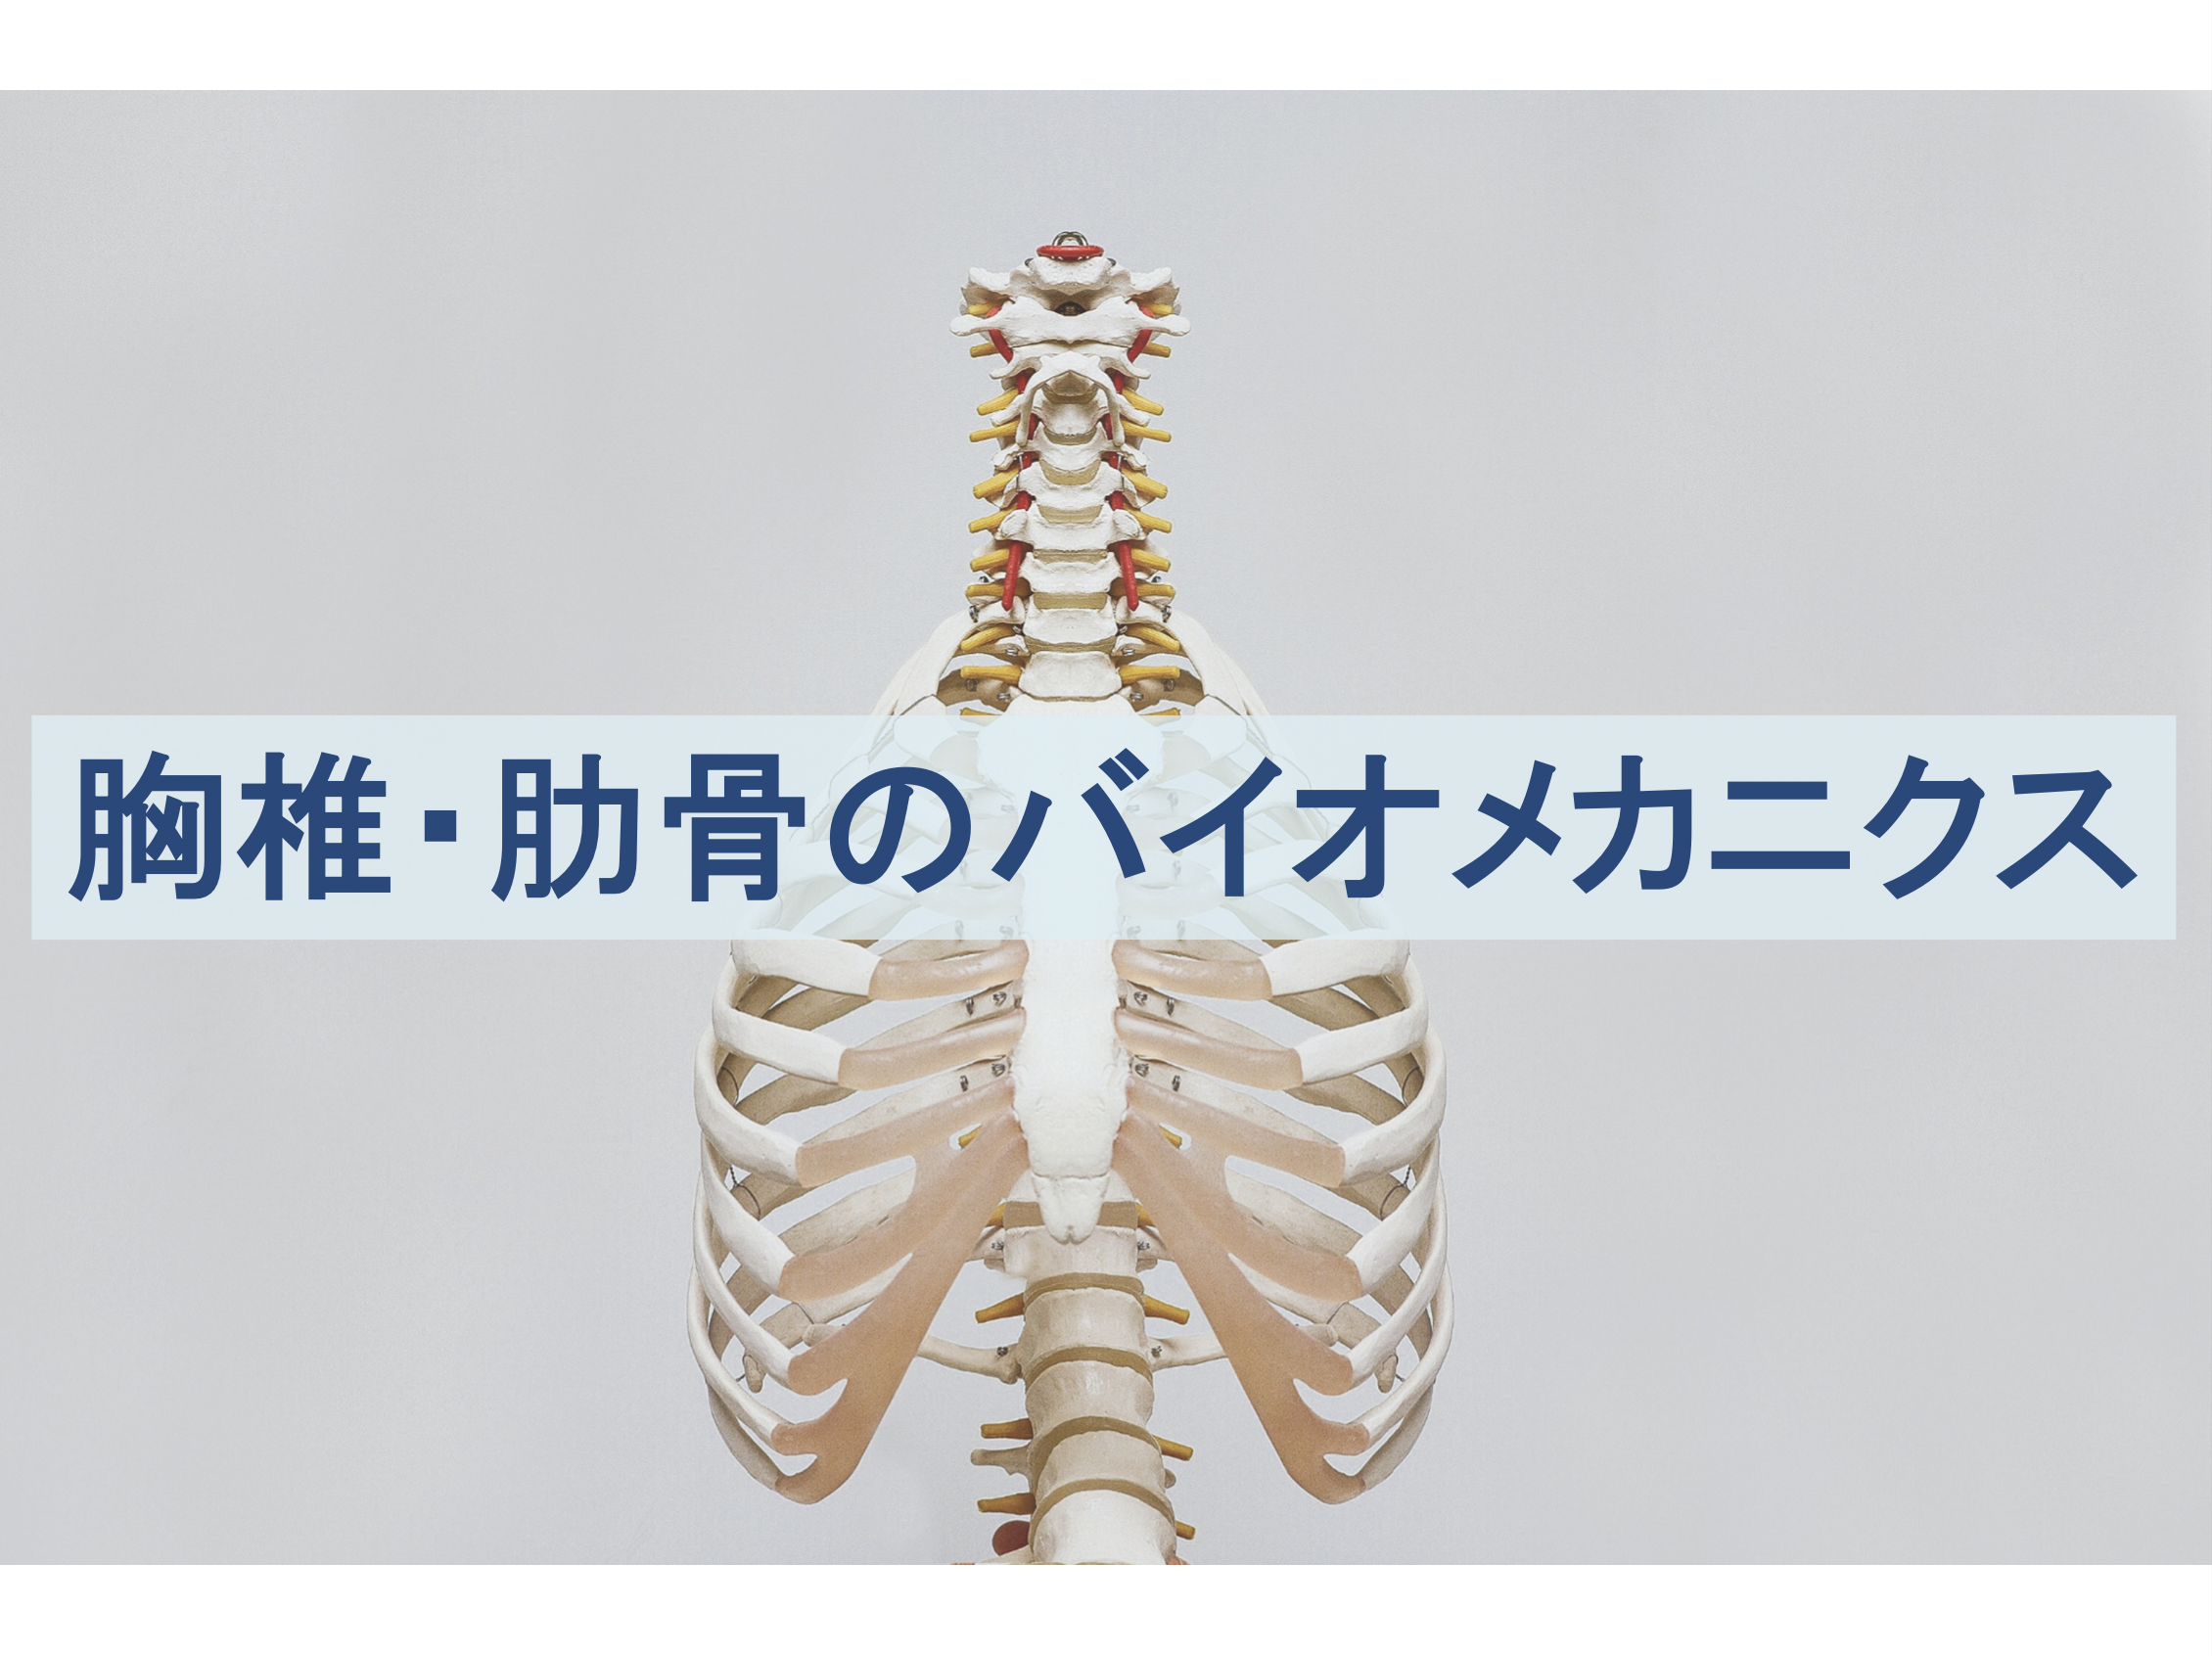 胸椎・肋骨のバイオメカニクスのトップ画像